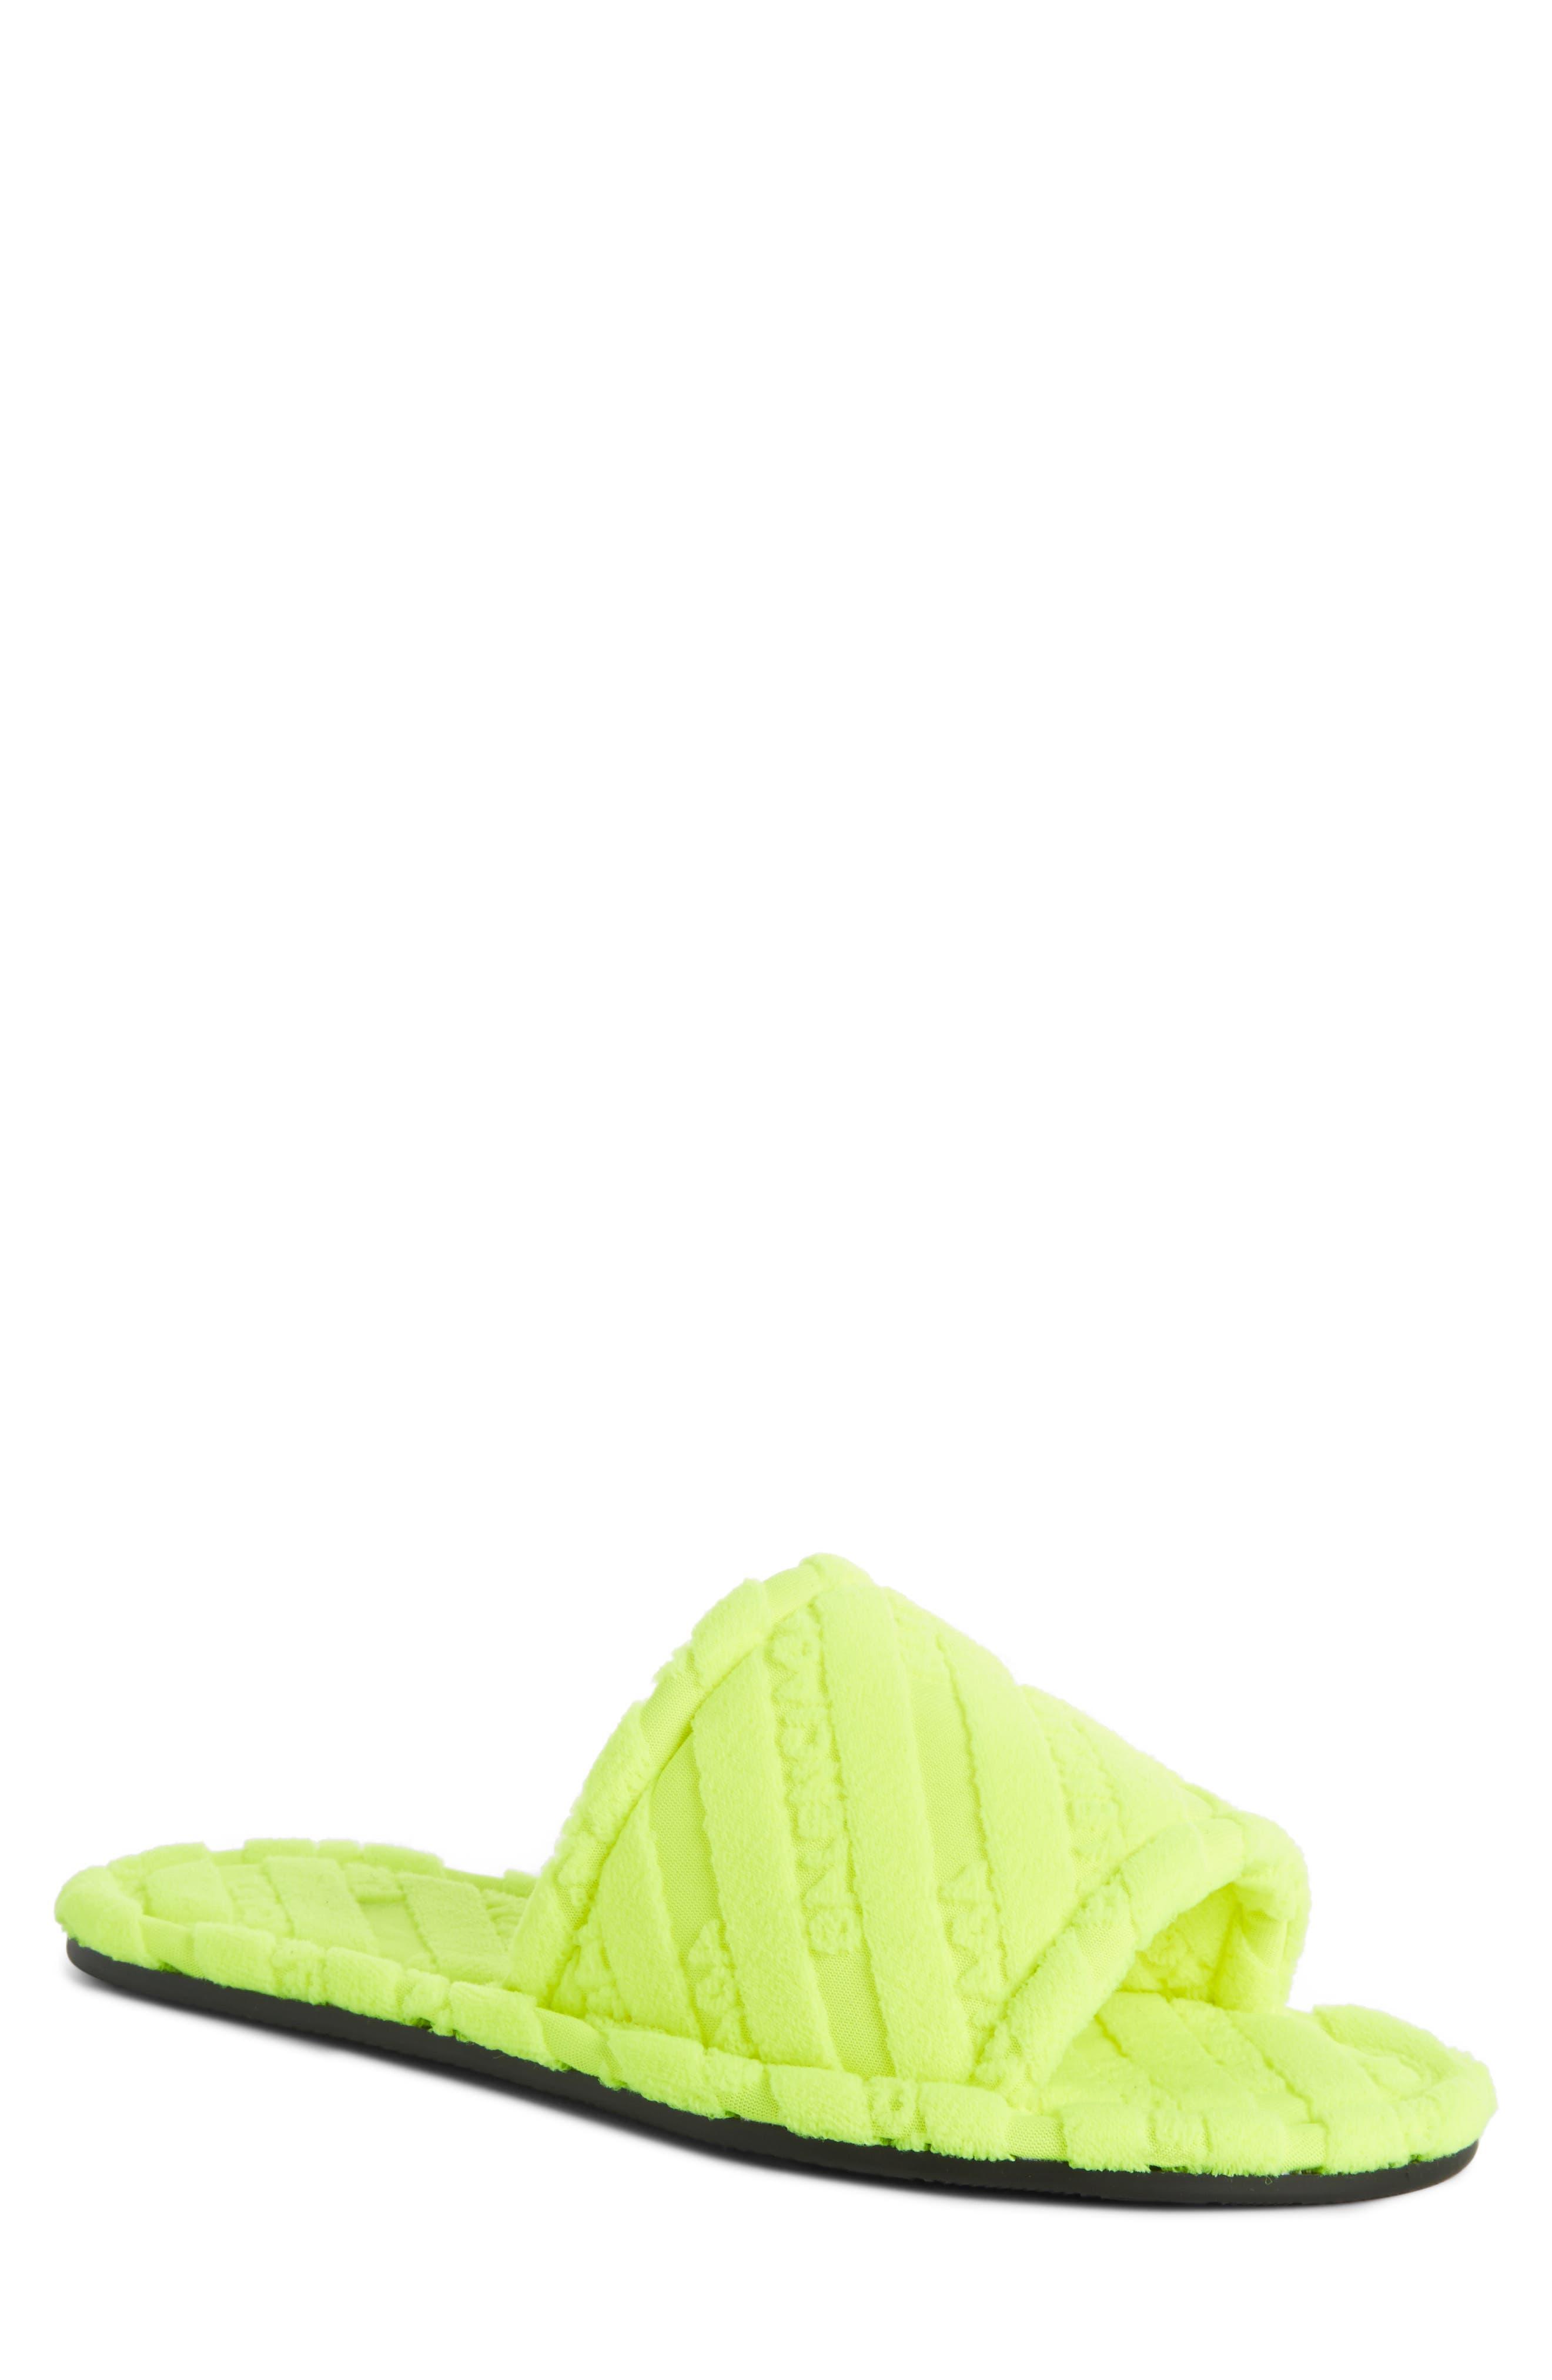 Logo Slide Sandal,                         Main,                         color, Jaune Fluo